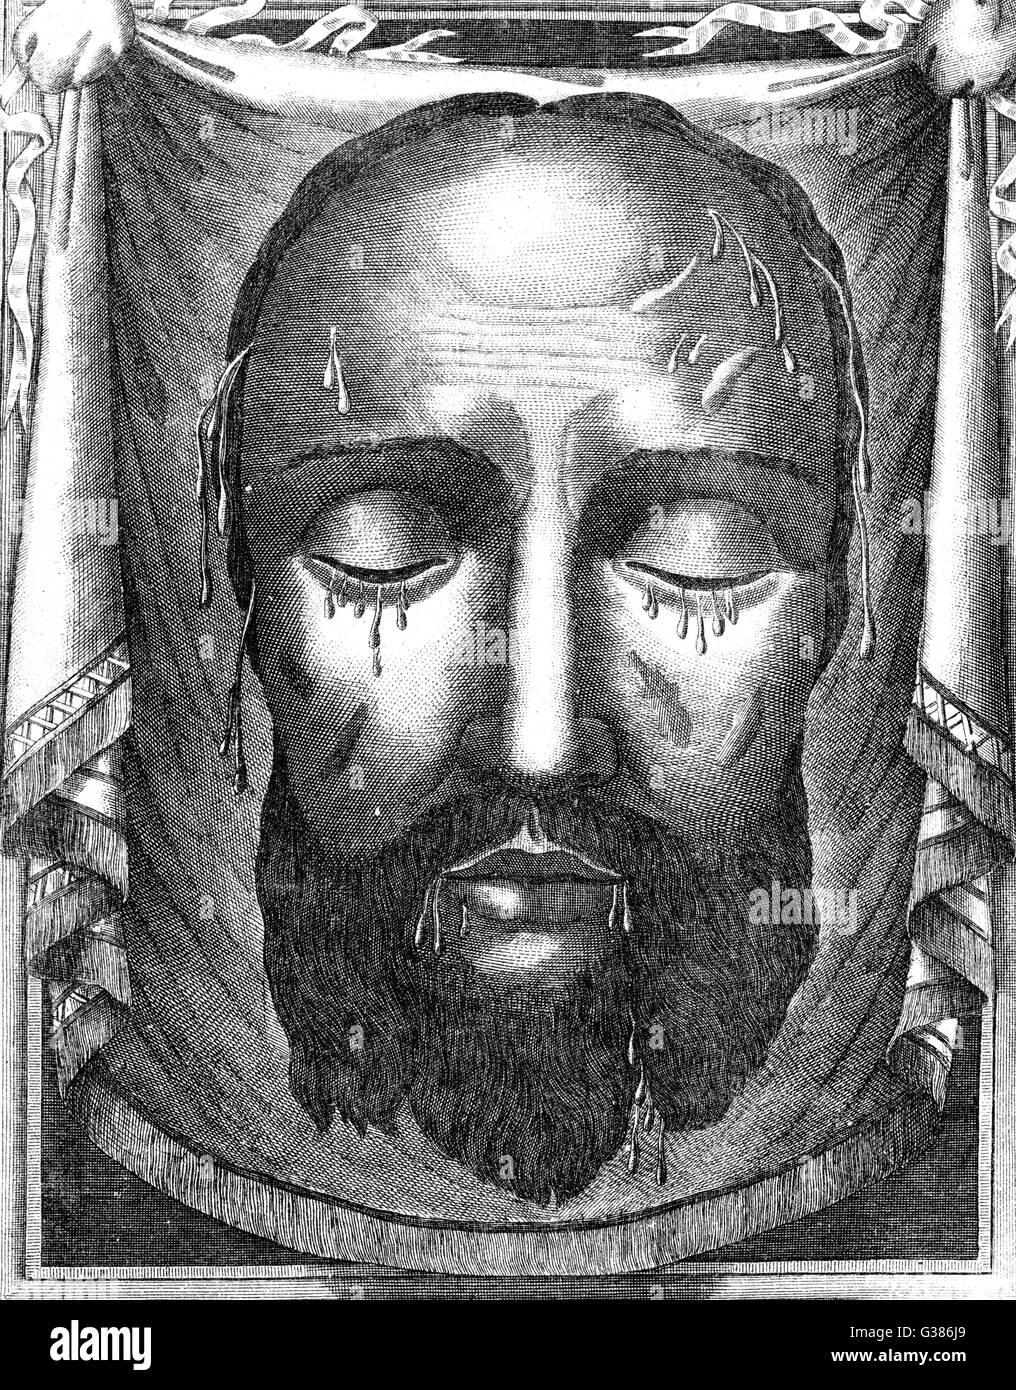 Jesús De Nazaret La Efigie De Jesús Mostrando Las Marcas De La